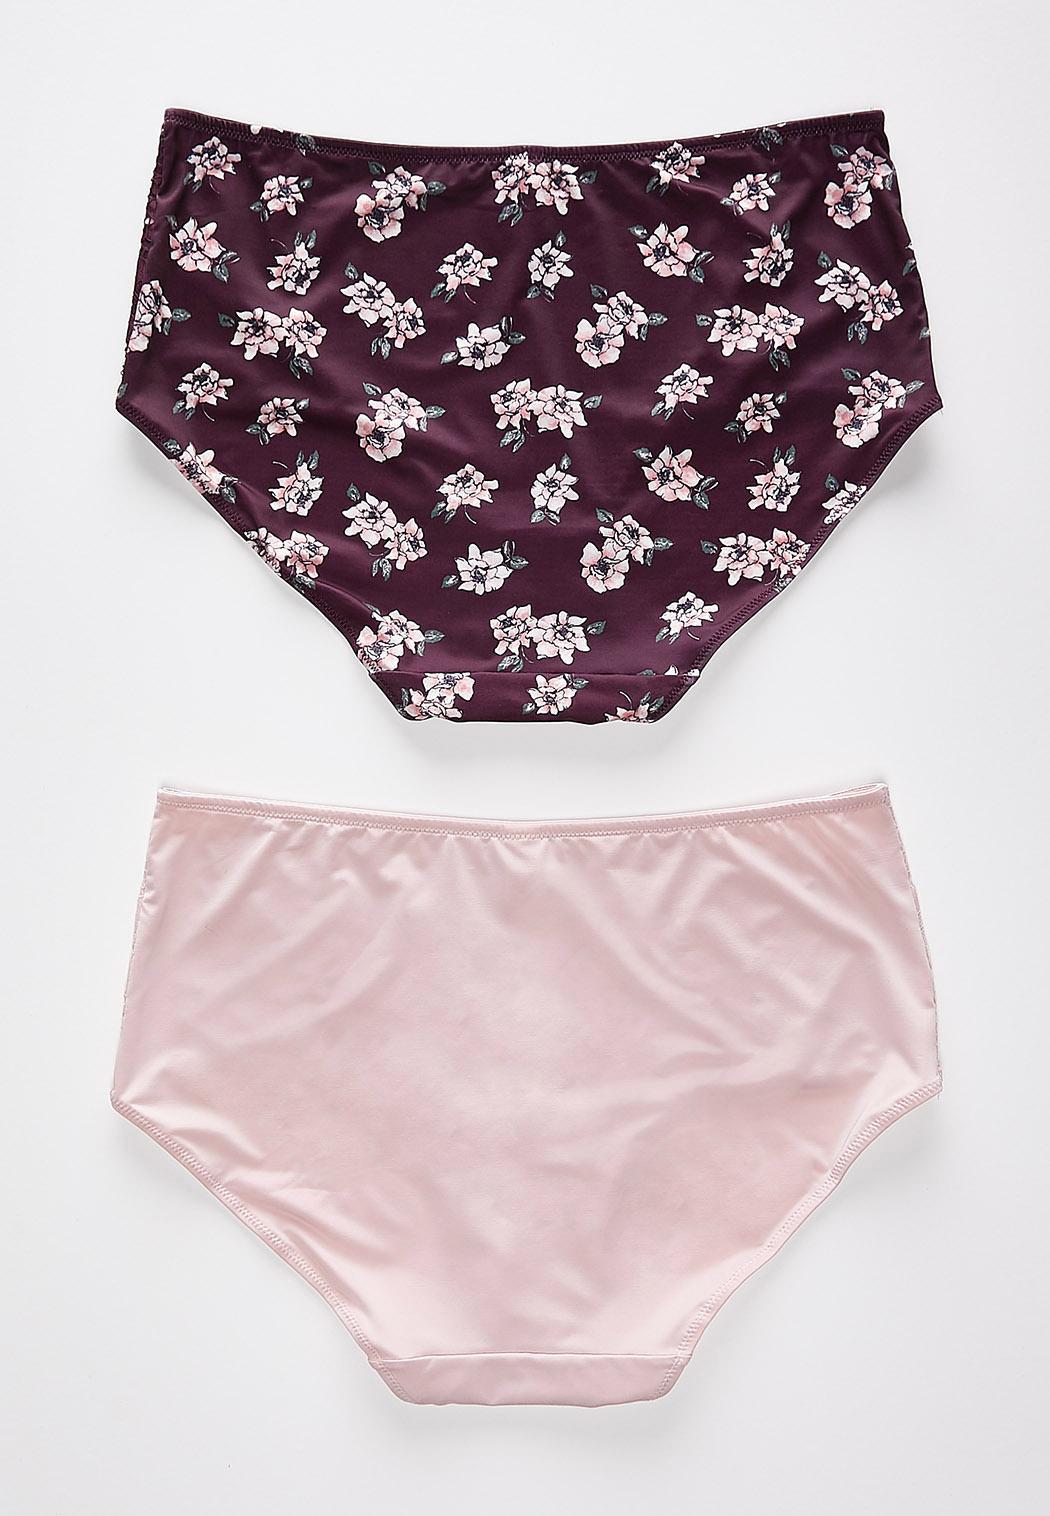 Floral Lace High Waist Panty Set (Item #43899090)